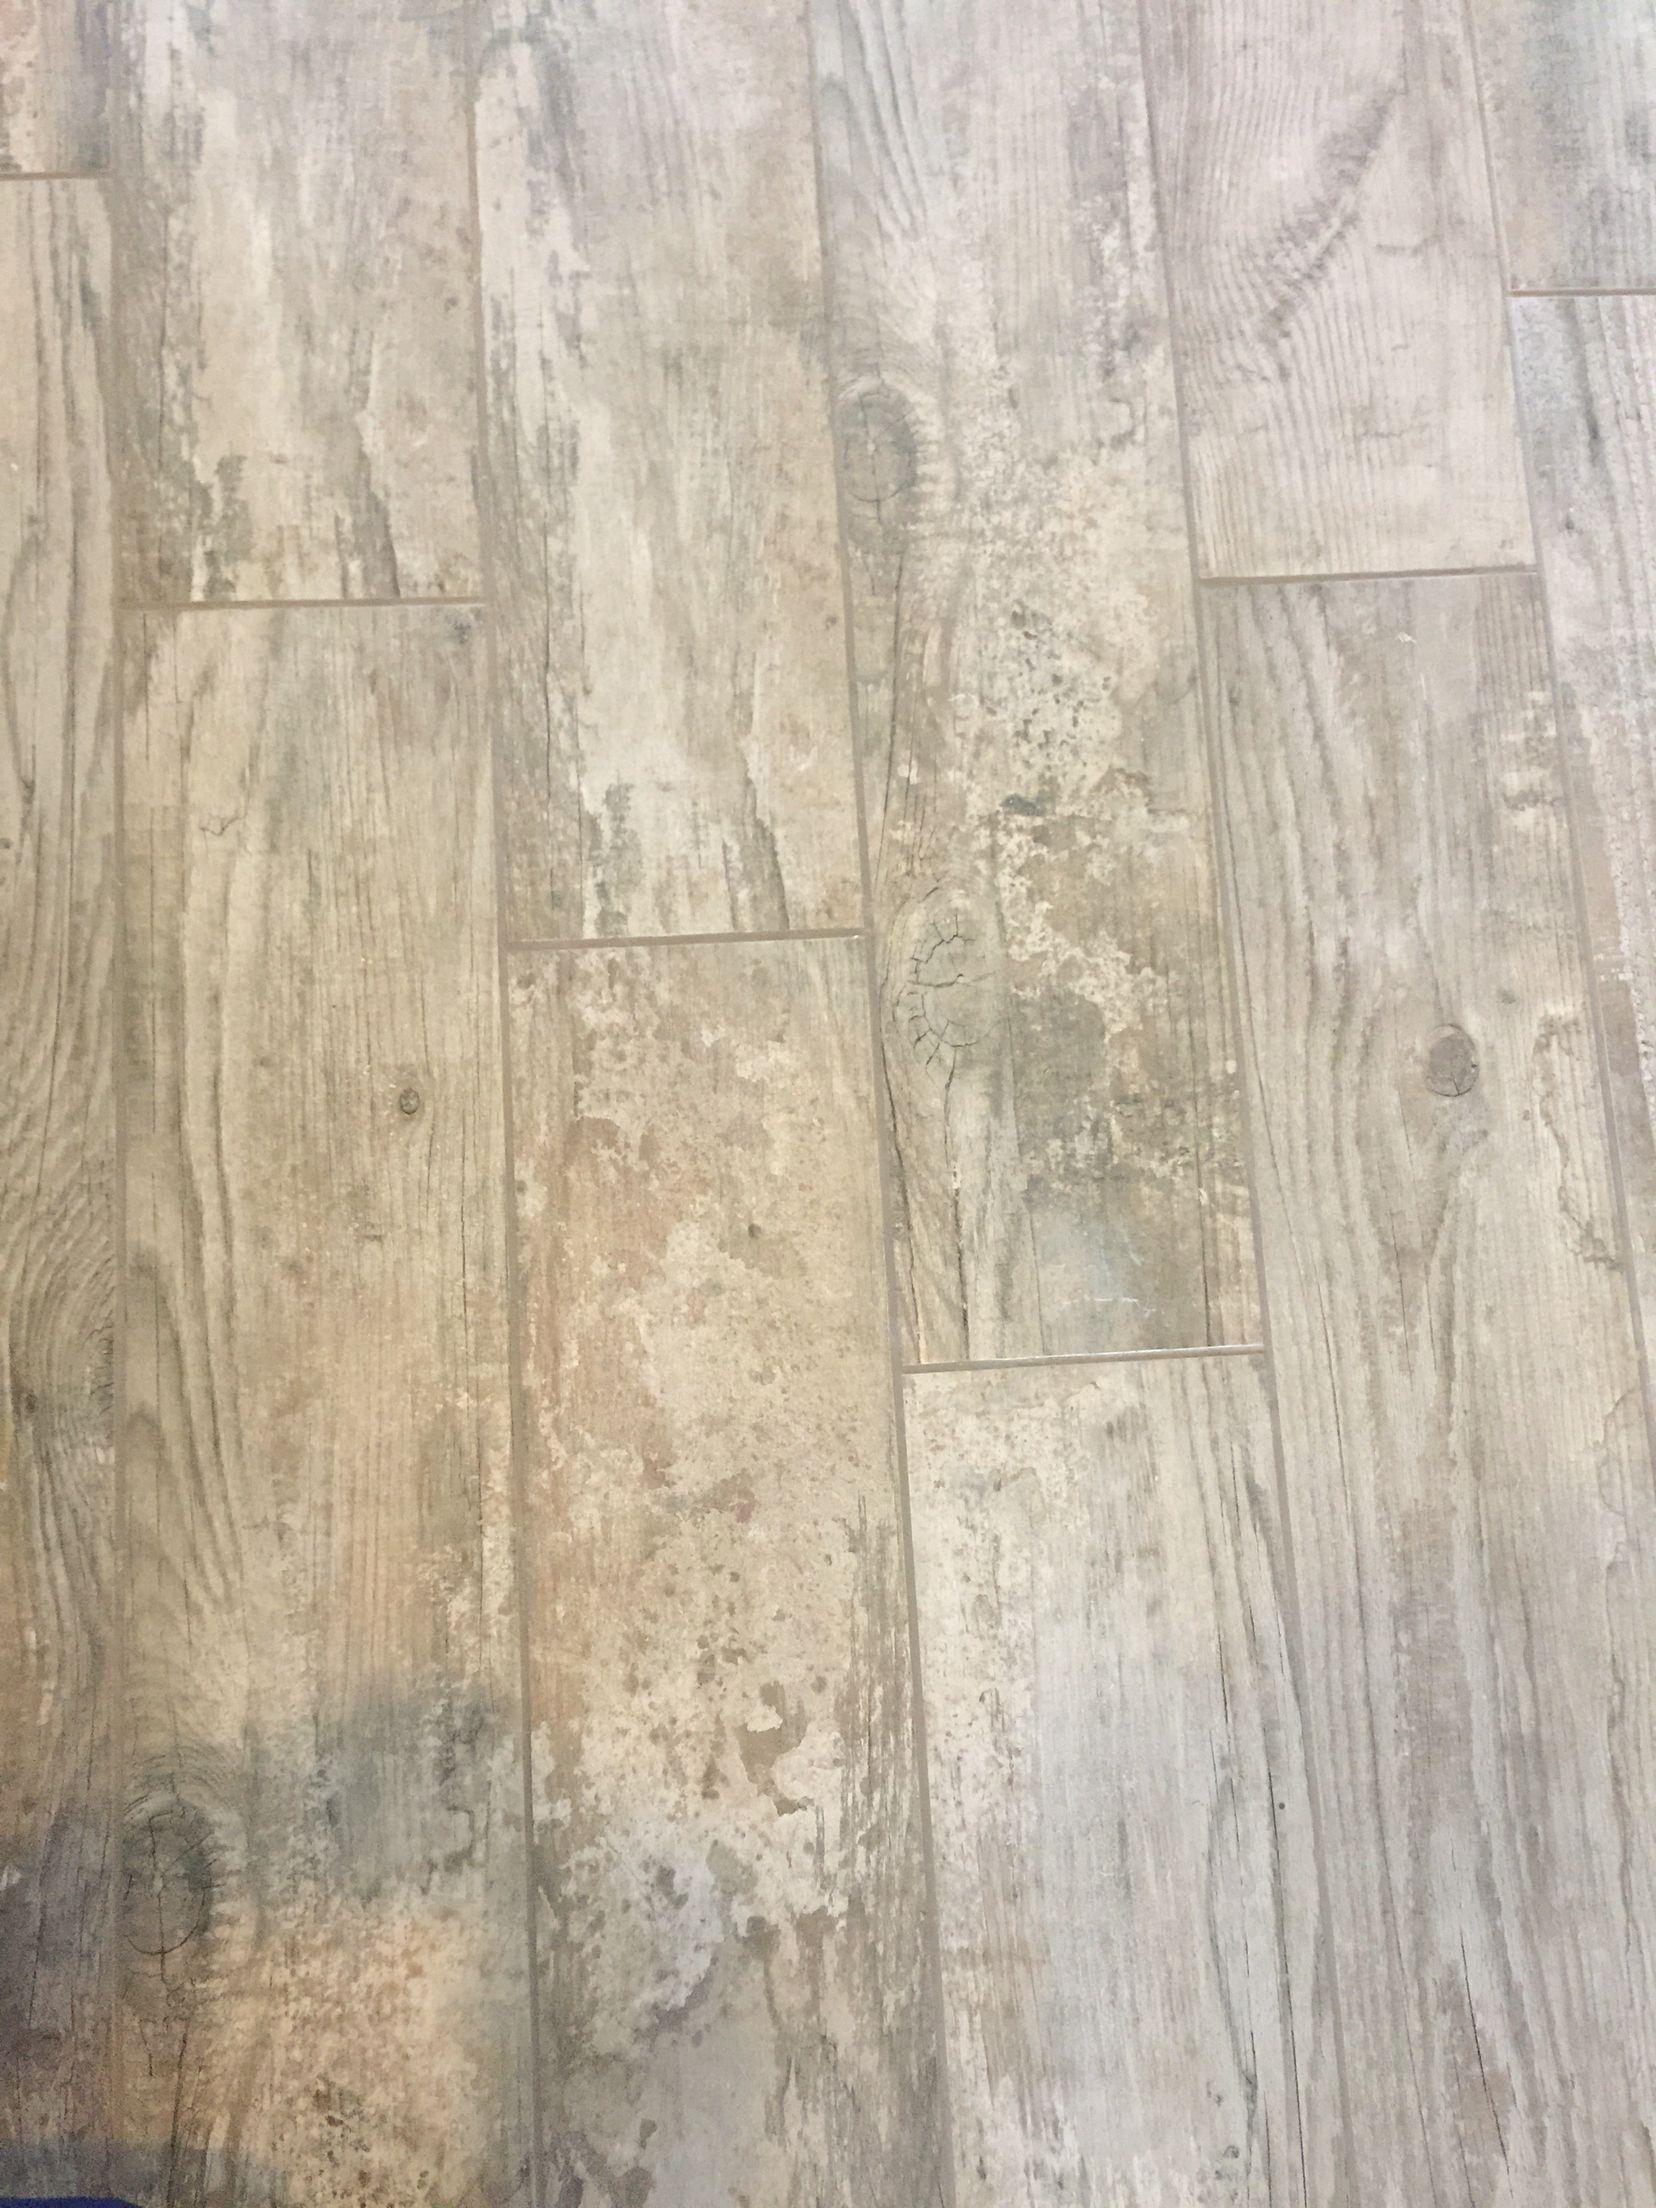 Las vegas dr horton adhara cove wood look tile floor dream home las vegas dr horton adhara cove wood look tile floor tyukafo